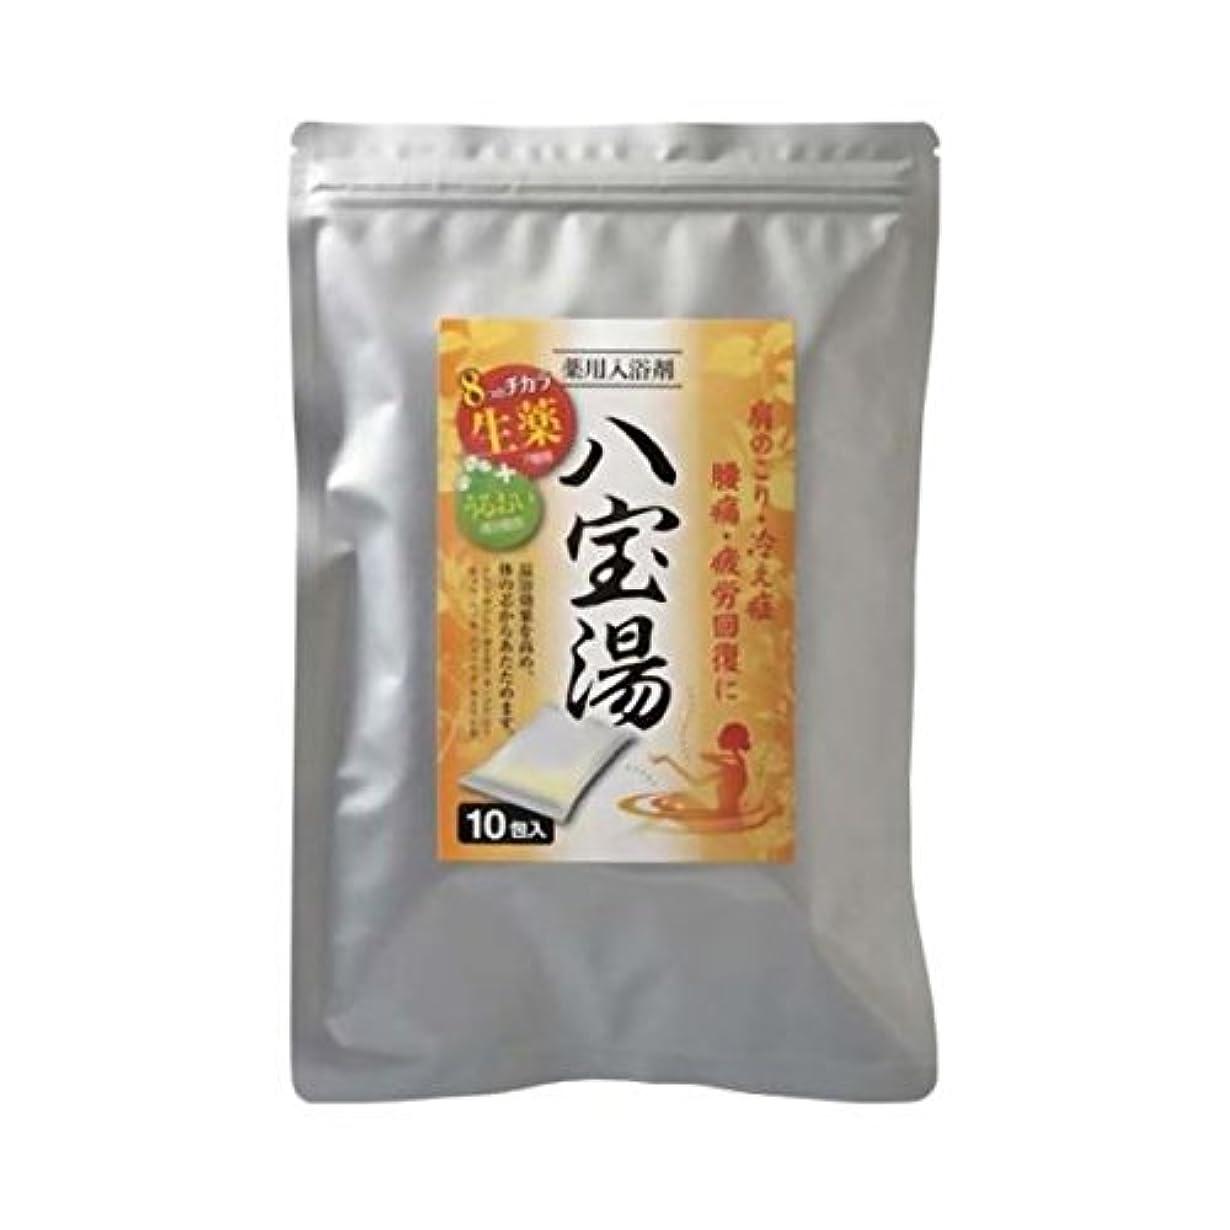 慢折る動脈【お徳用 3 セット】 薬用入浴剤 八宝湯 カモミールの香り 10包×3セット